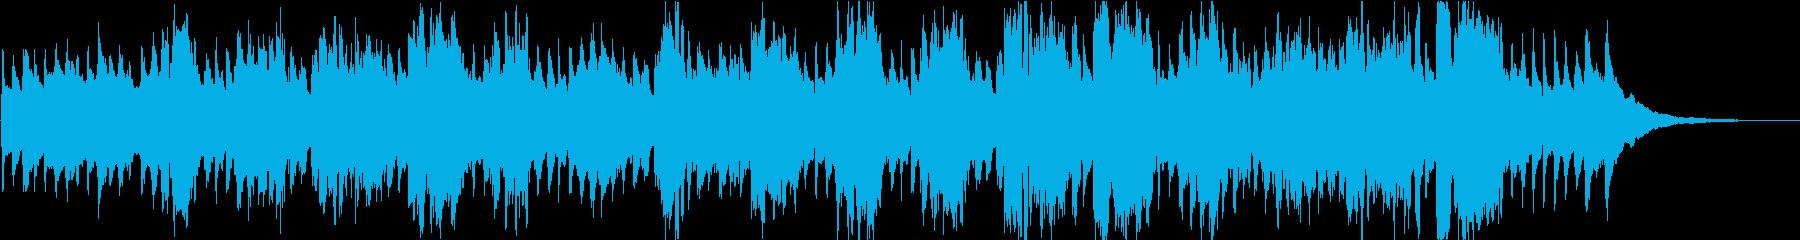 赤ちゃん寝かしつけ歌(周波数432hz)の再生済みの波形